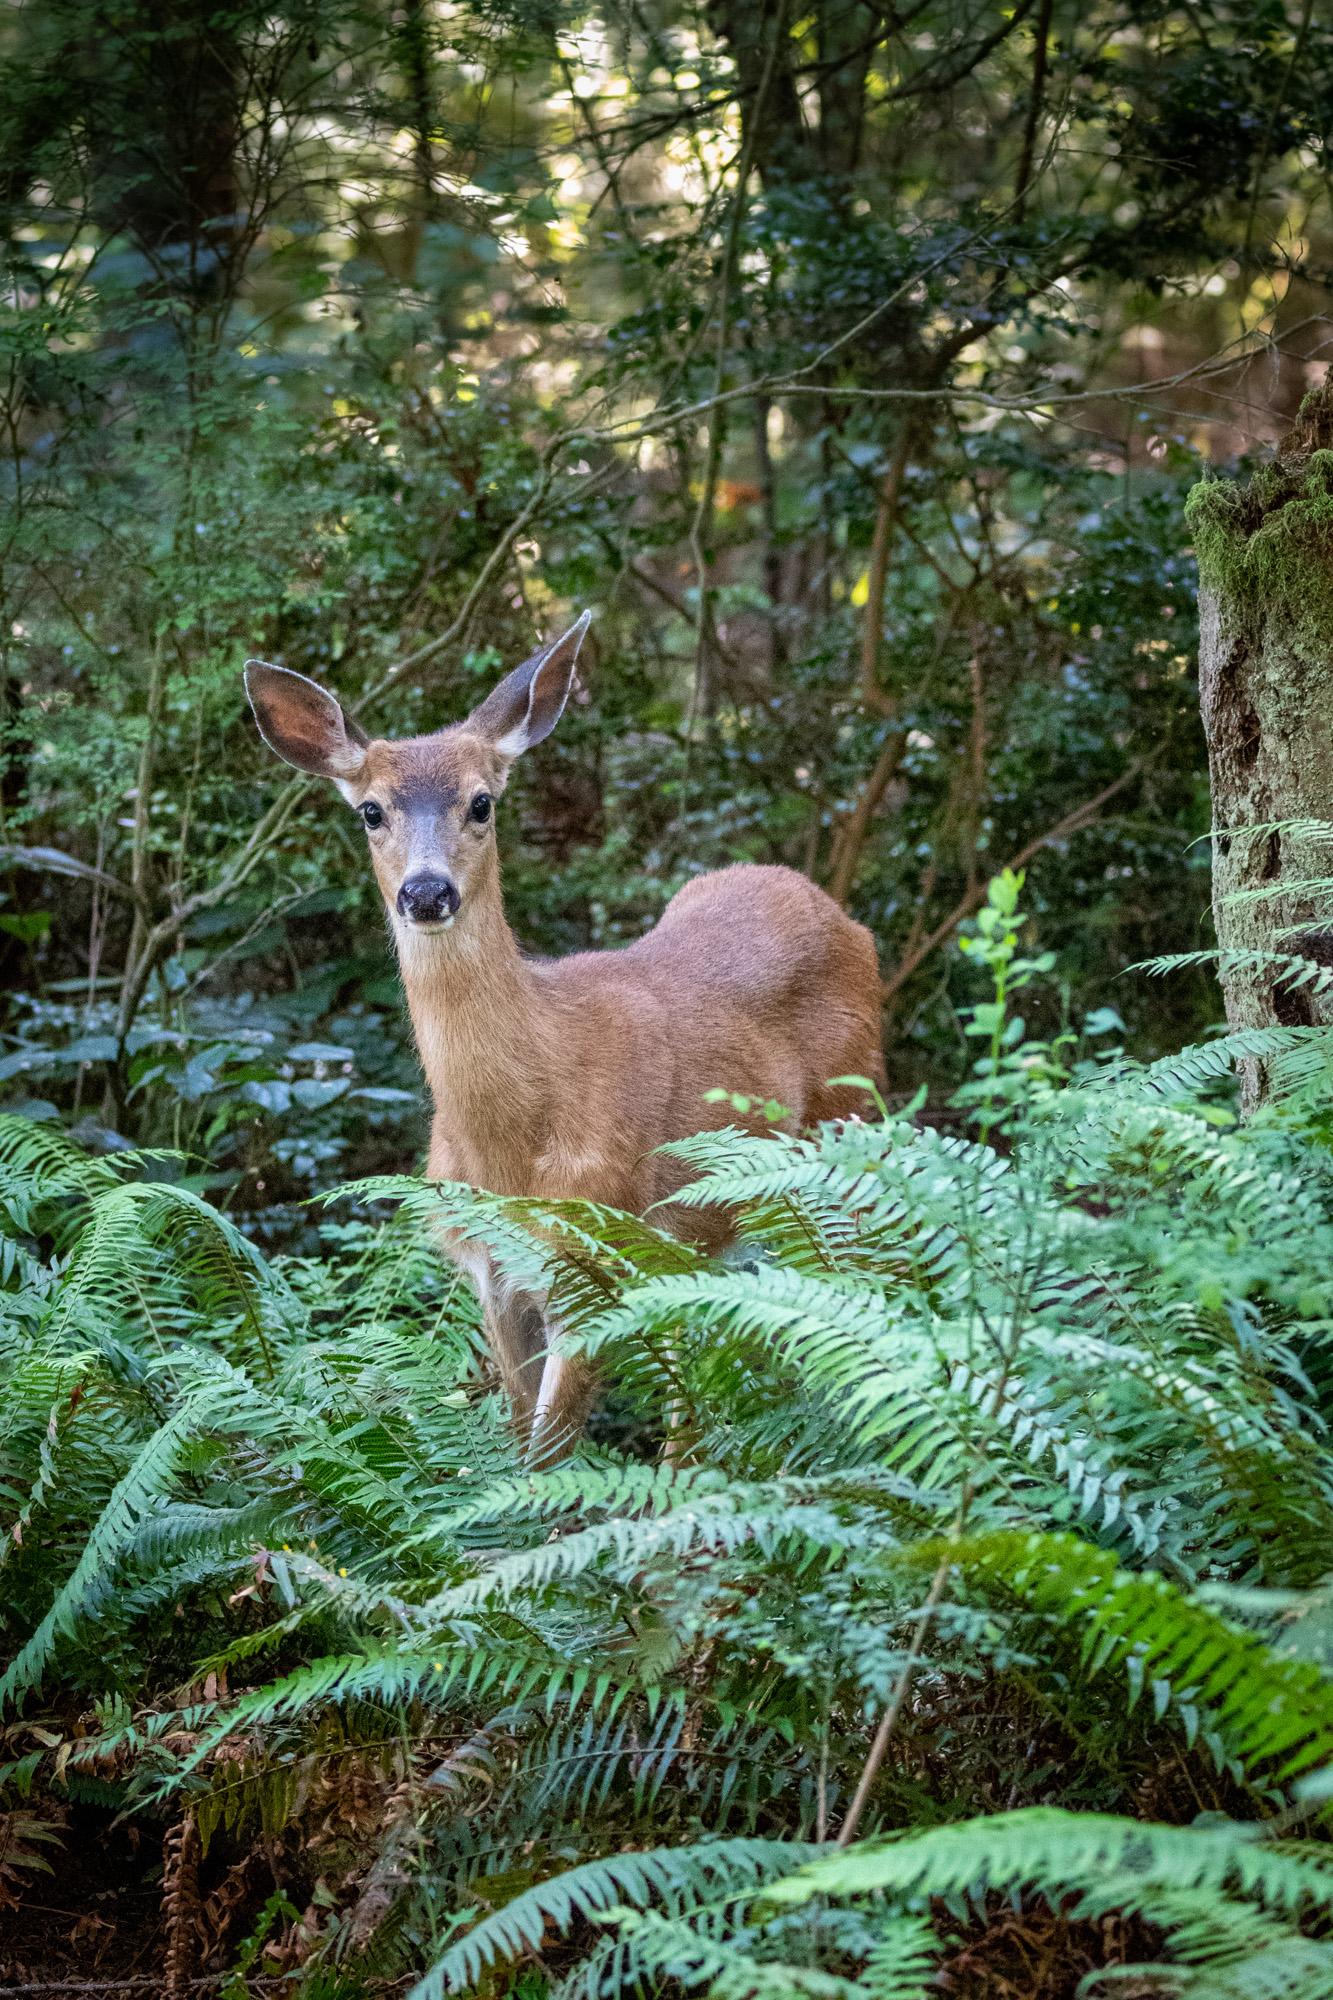 Deer says hello